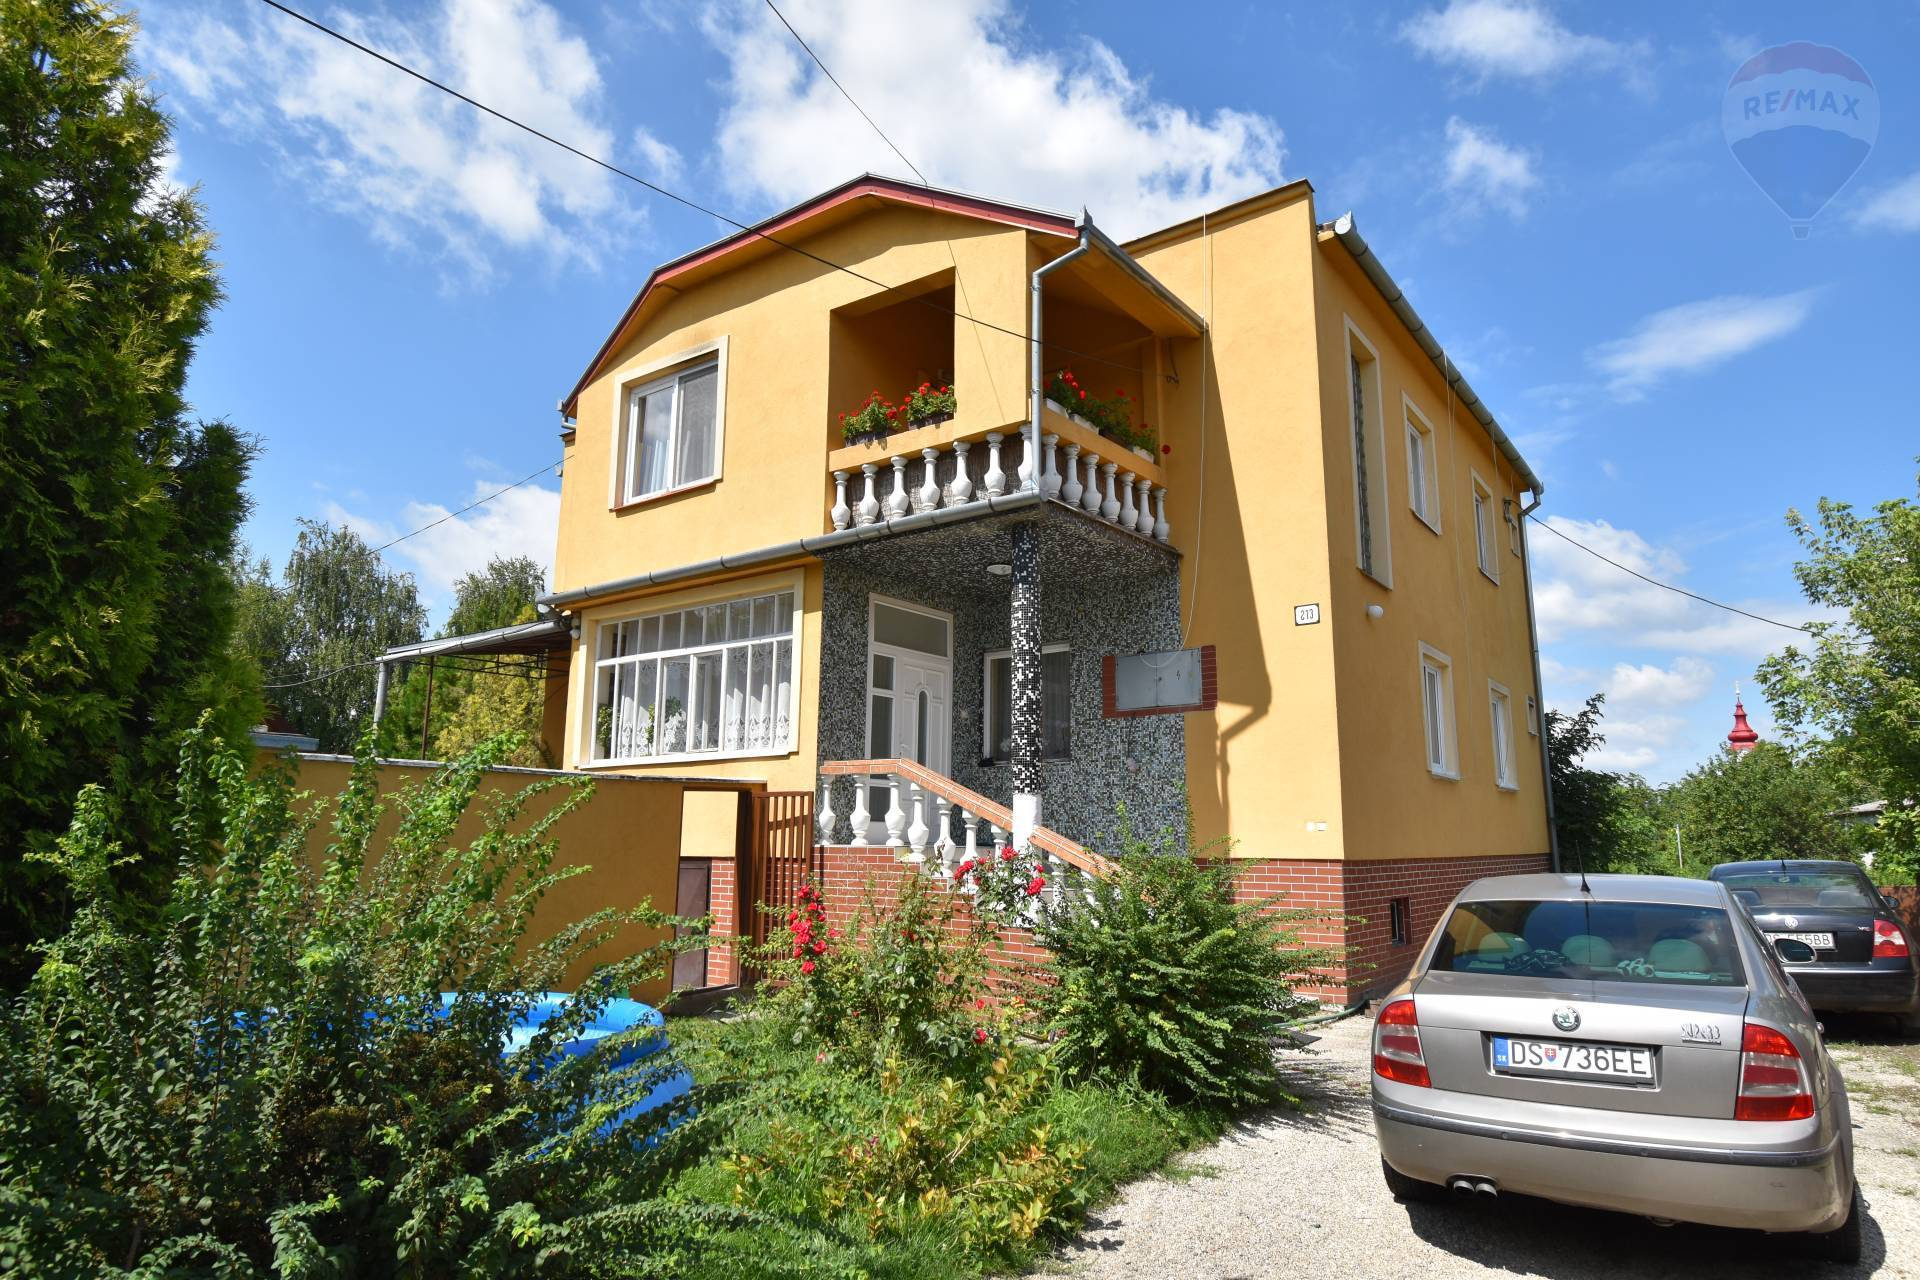 Predaj obytného domu s reštauráciou, Okoč, pozemok 1930 m2